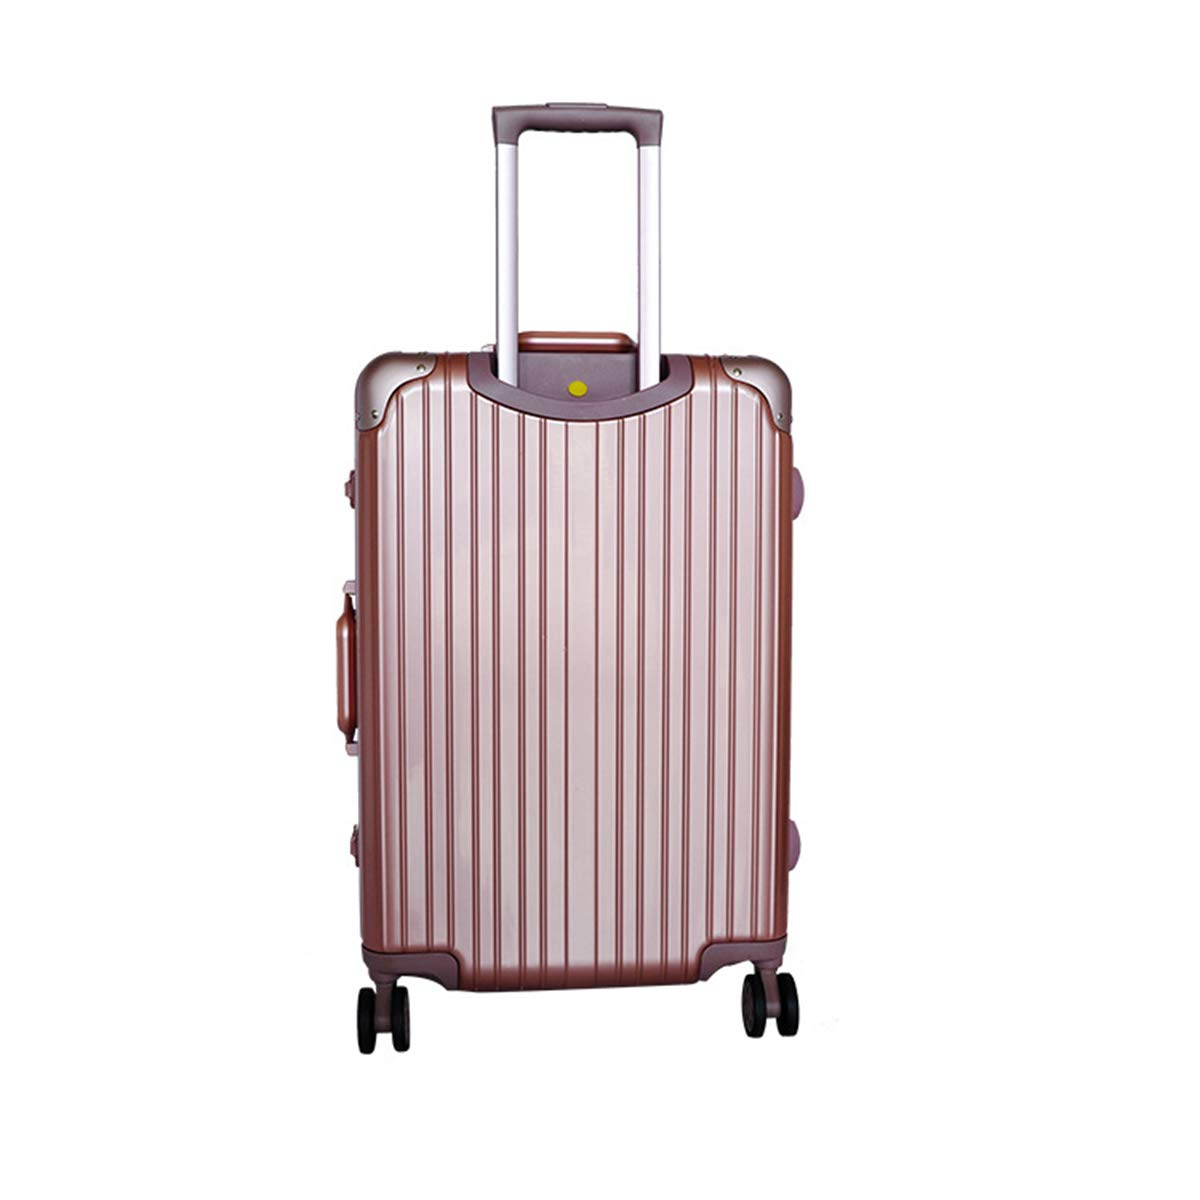 インテリジェント盗難防止荷物トロリートロリーユニバーサルホイールスーツケースアルミフレームレトロ直角ロックボックス大容量搭乗ボックス,24inch,Rose B07QJ1KD13 24inch Rose